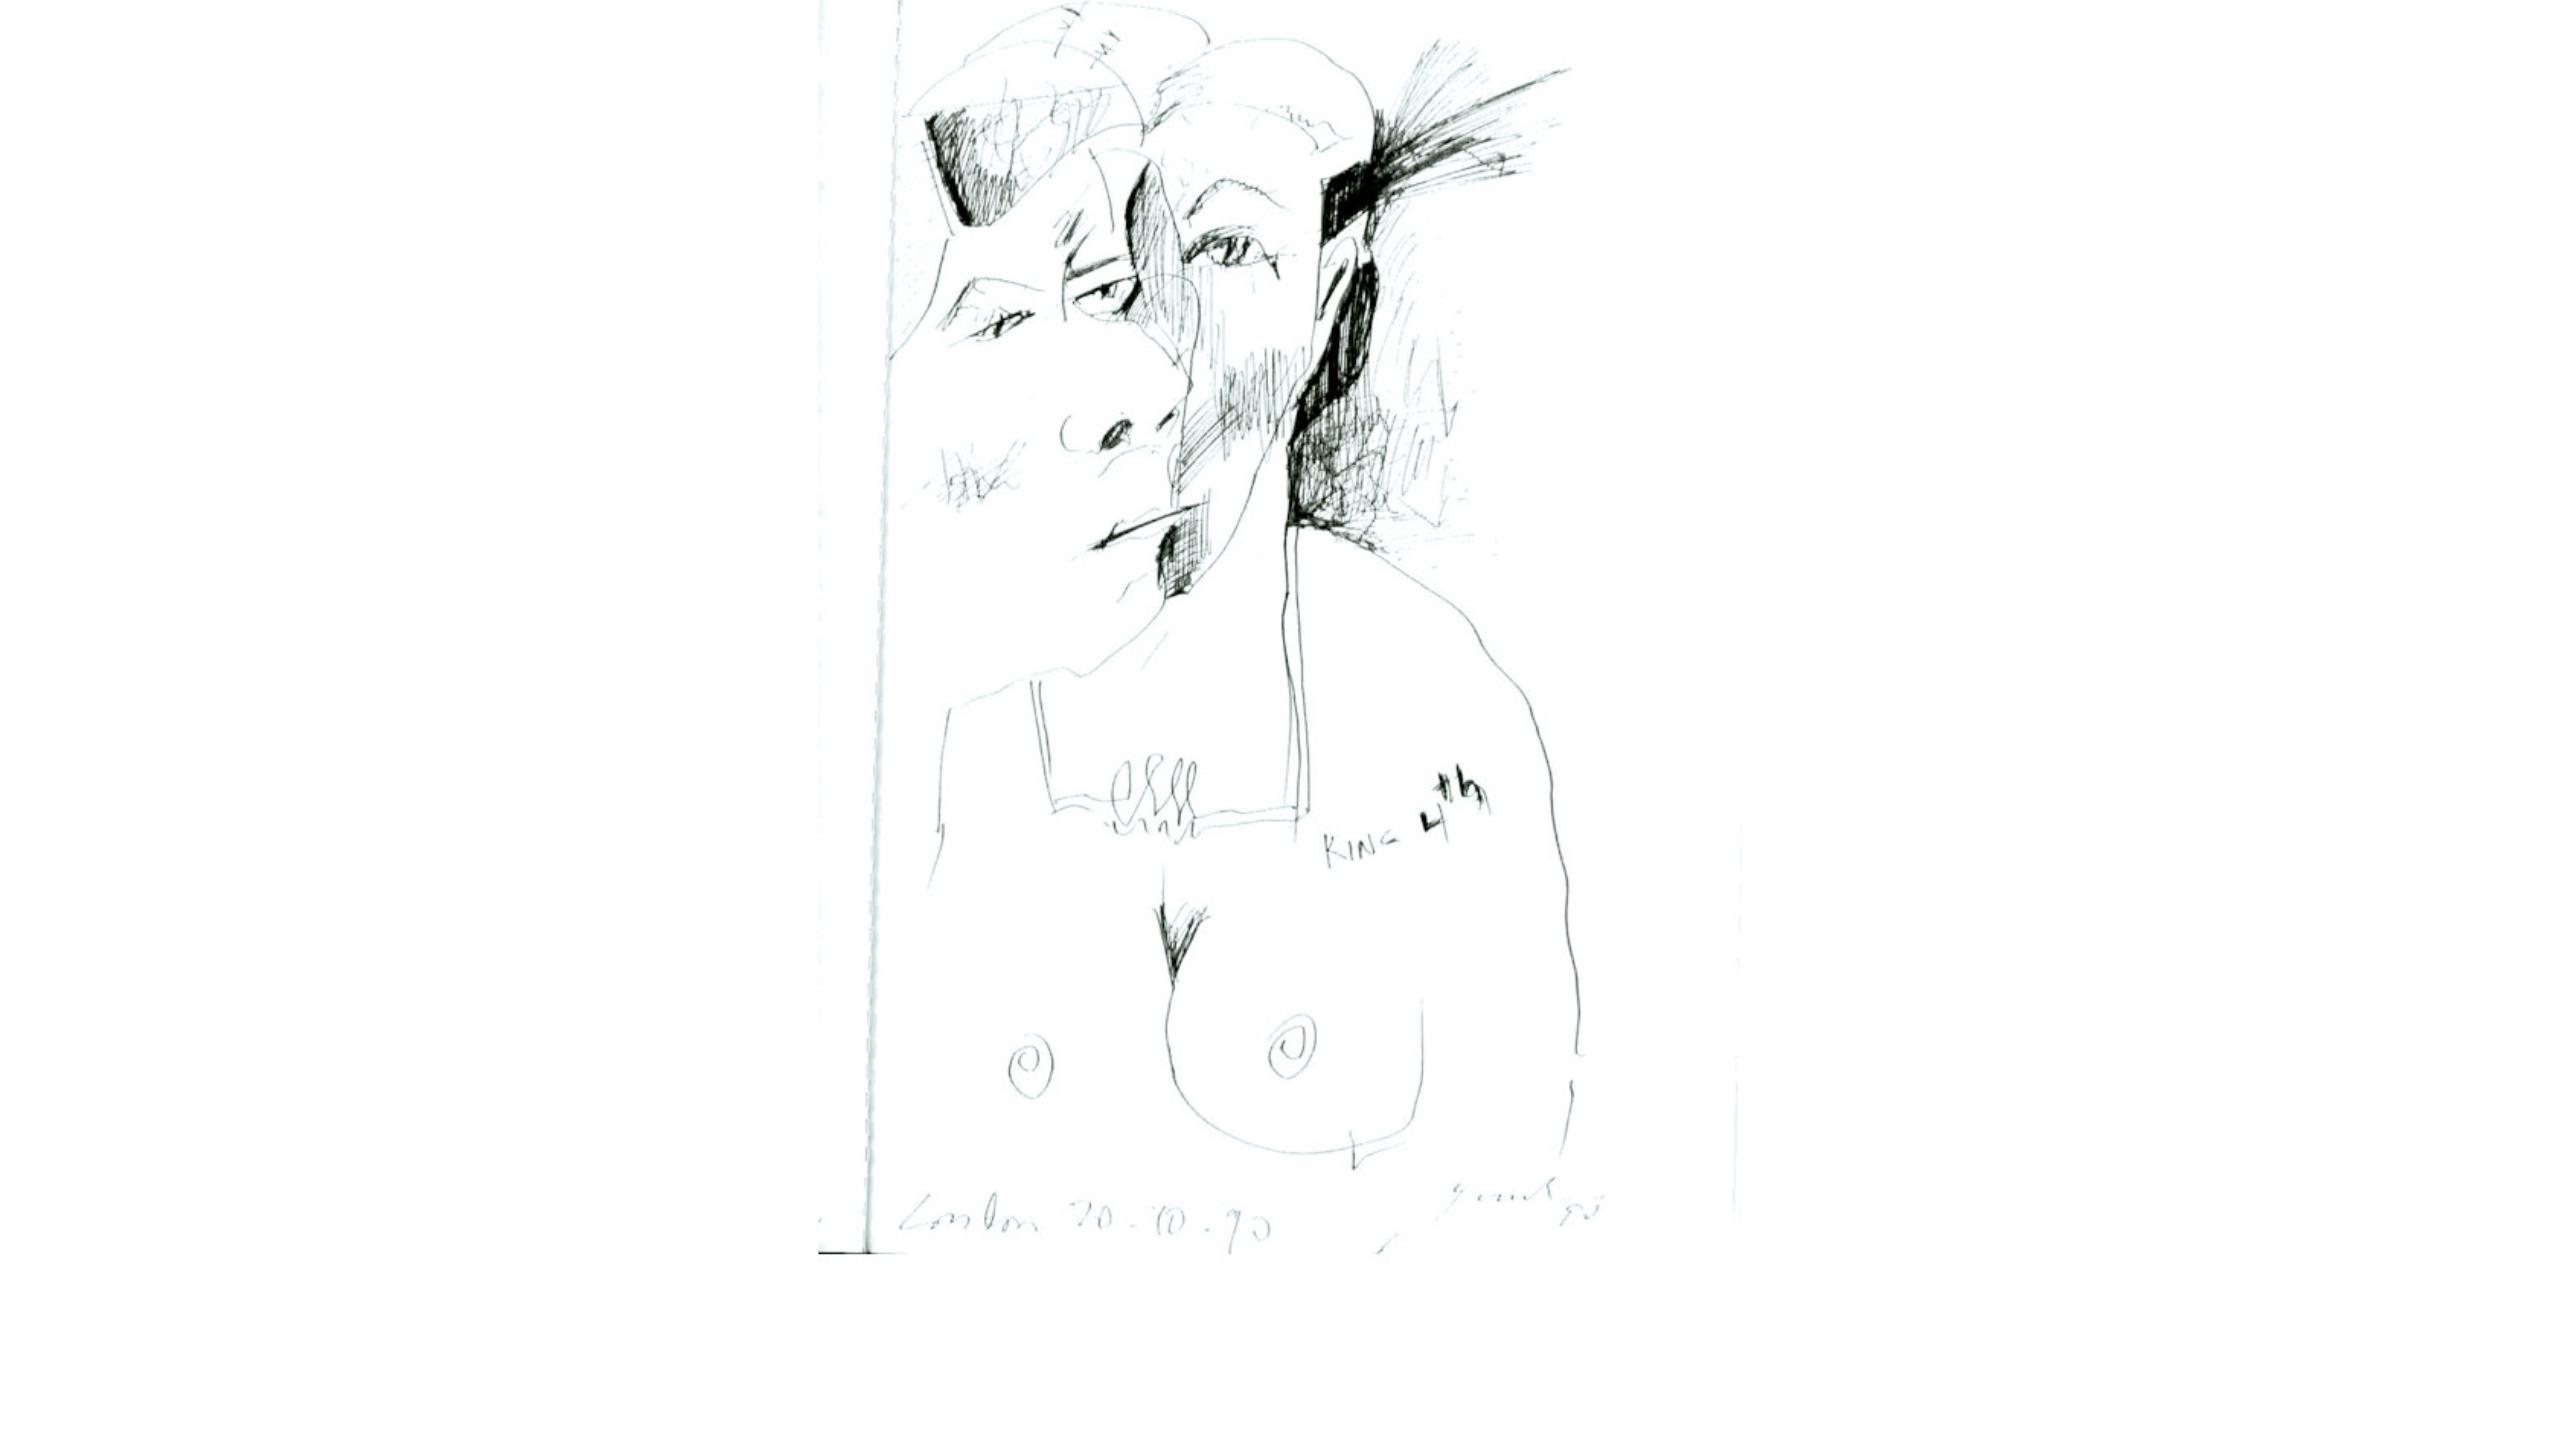 LONDON DRAW [01]